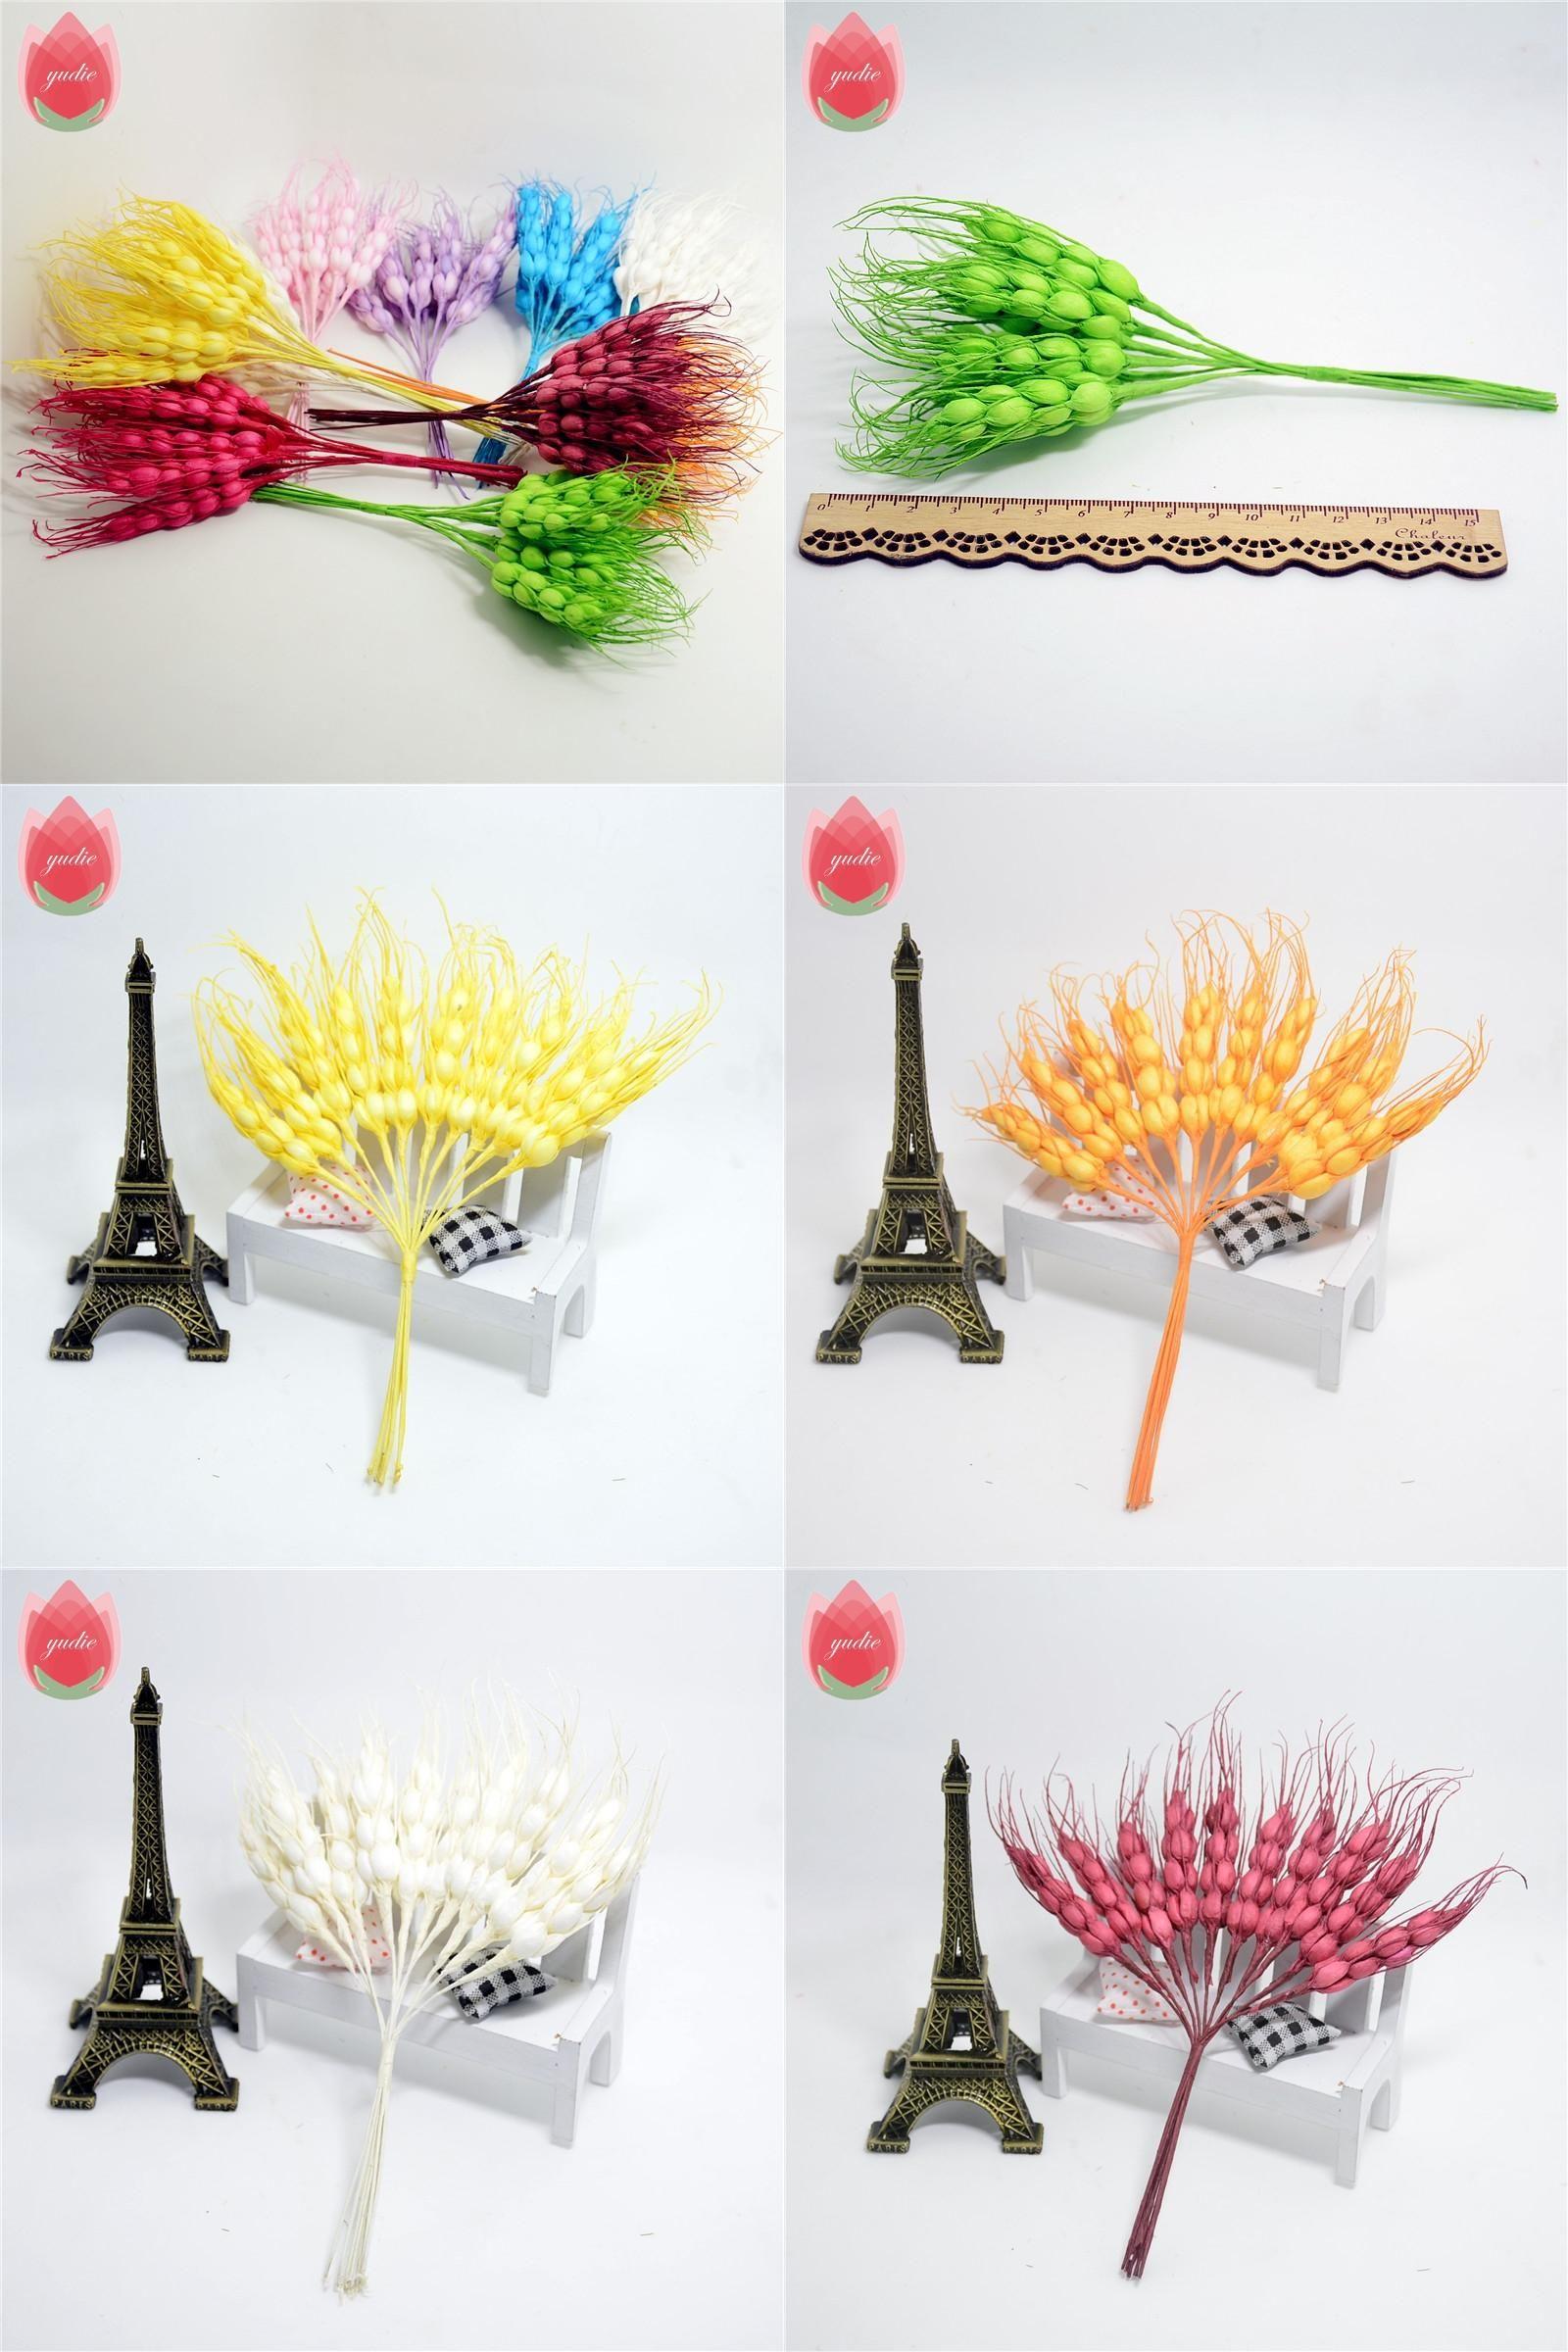 Visit To Buy 10pcs 17cm Foam Autumn Wheat Artificial Flowers